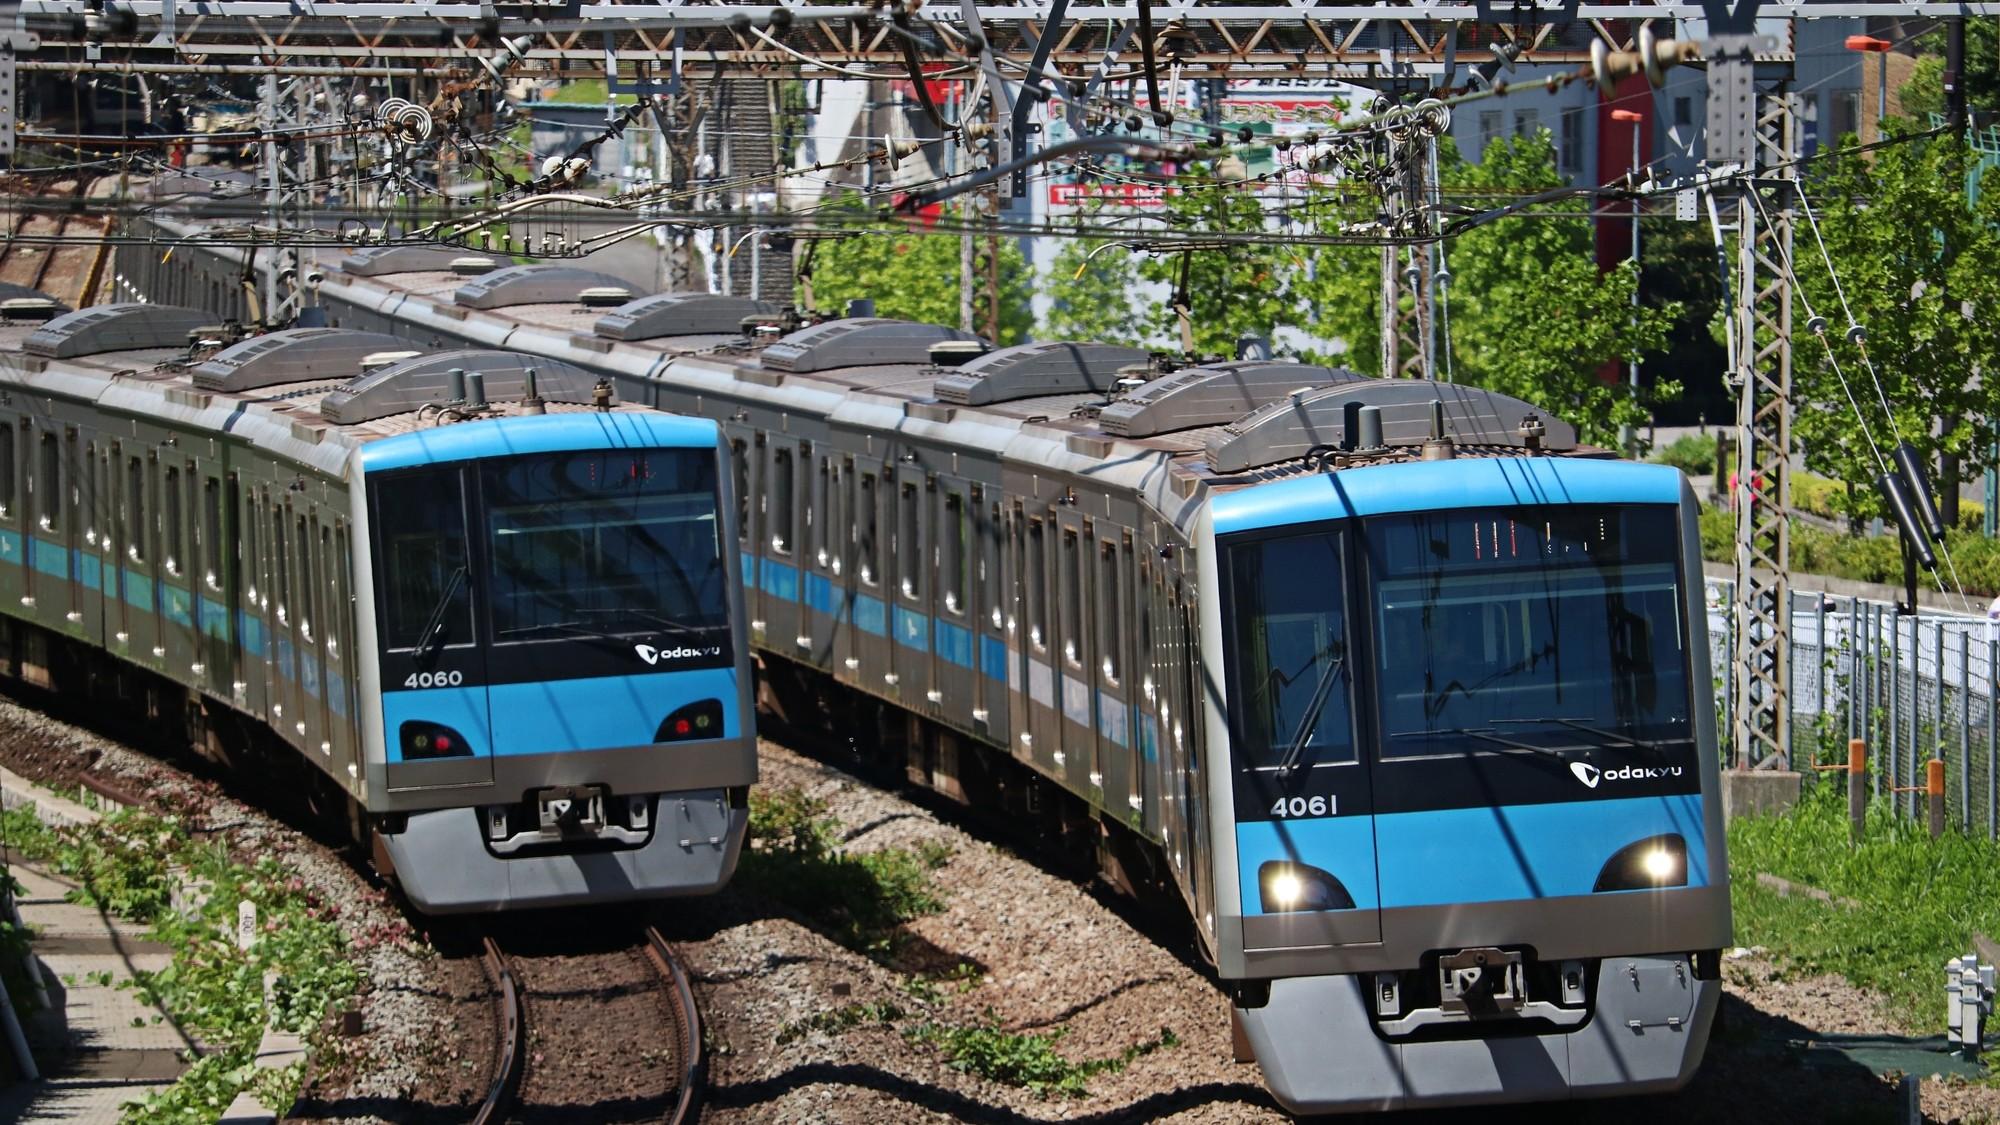 都内勤務30代会社員が「小田急線」で住みやすいのは何駅か?